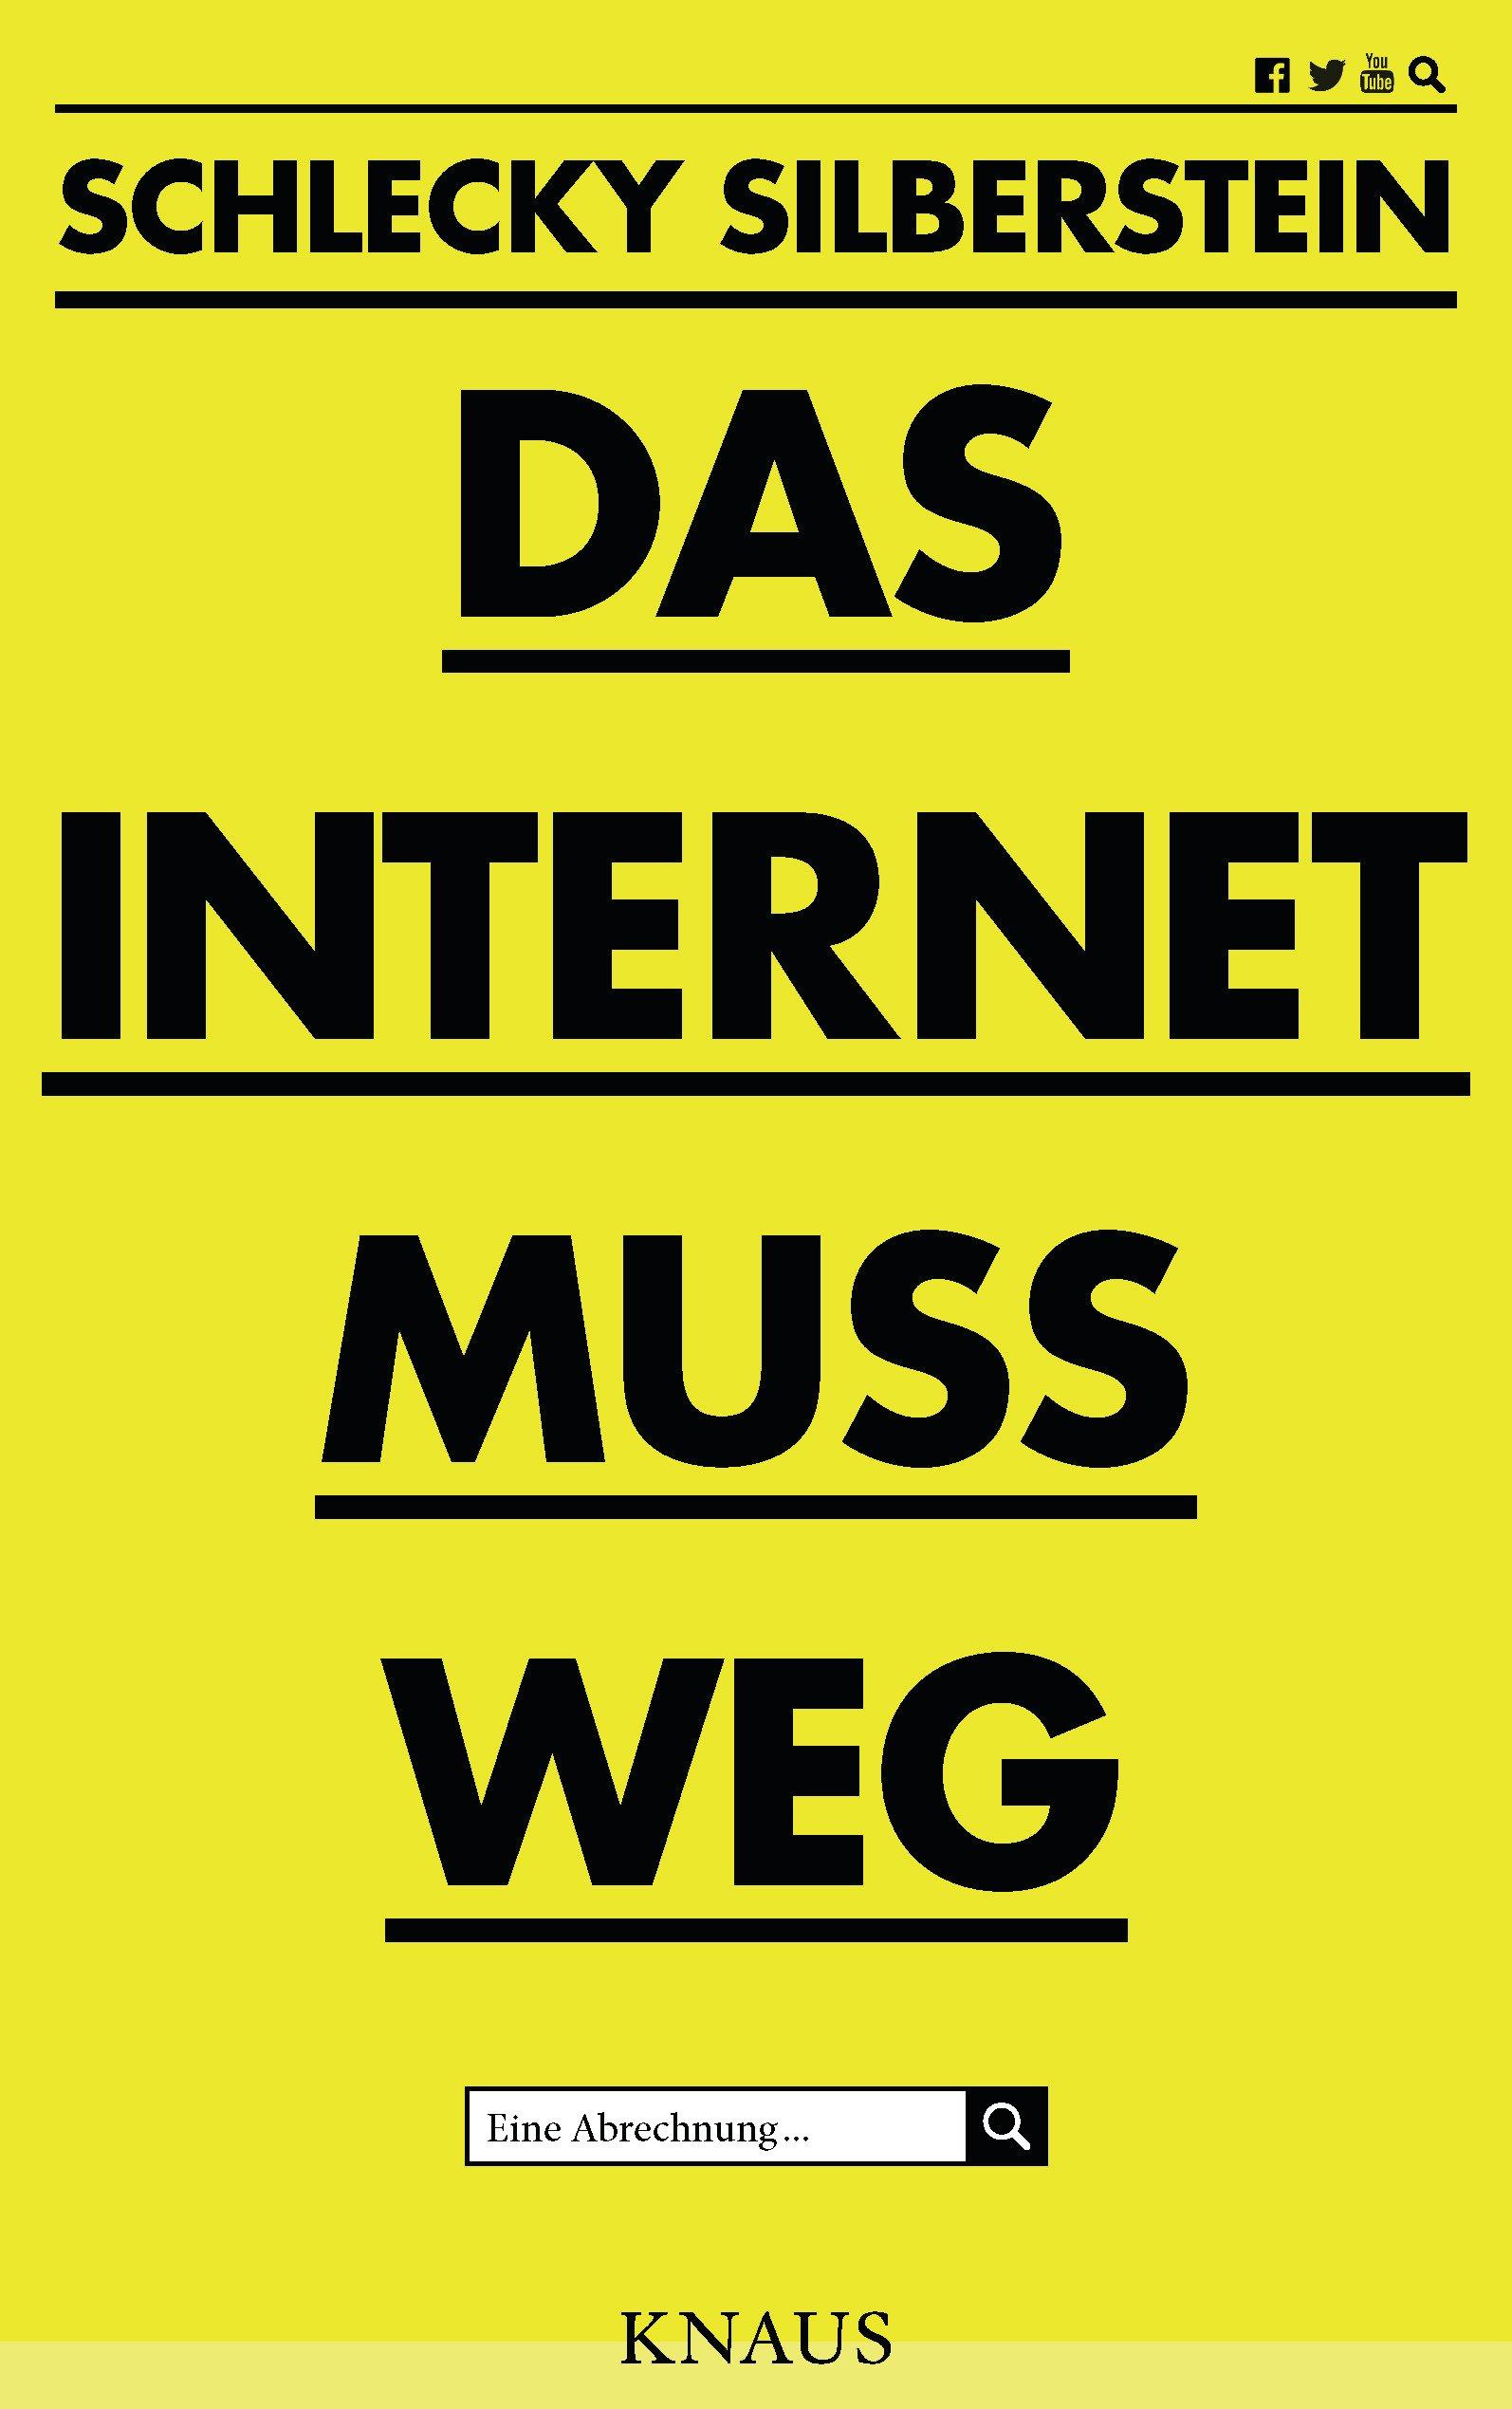 Internet muss weg